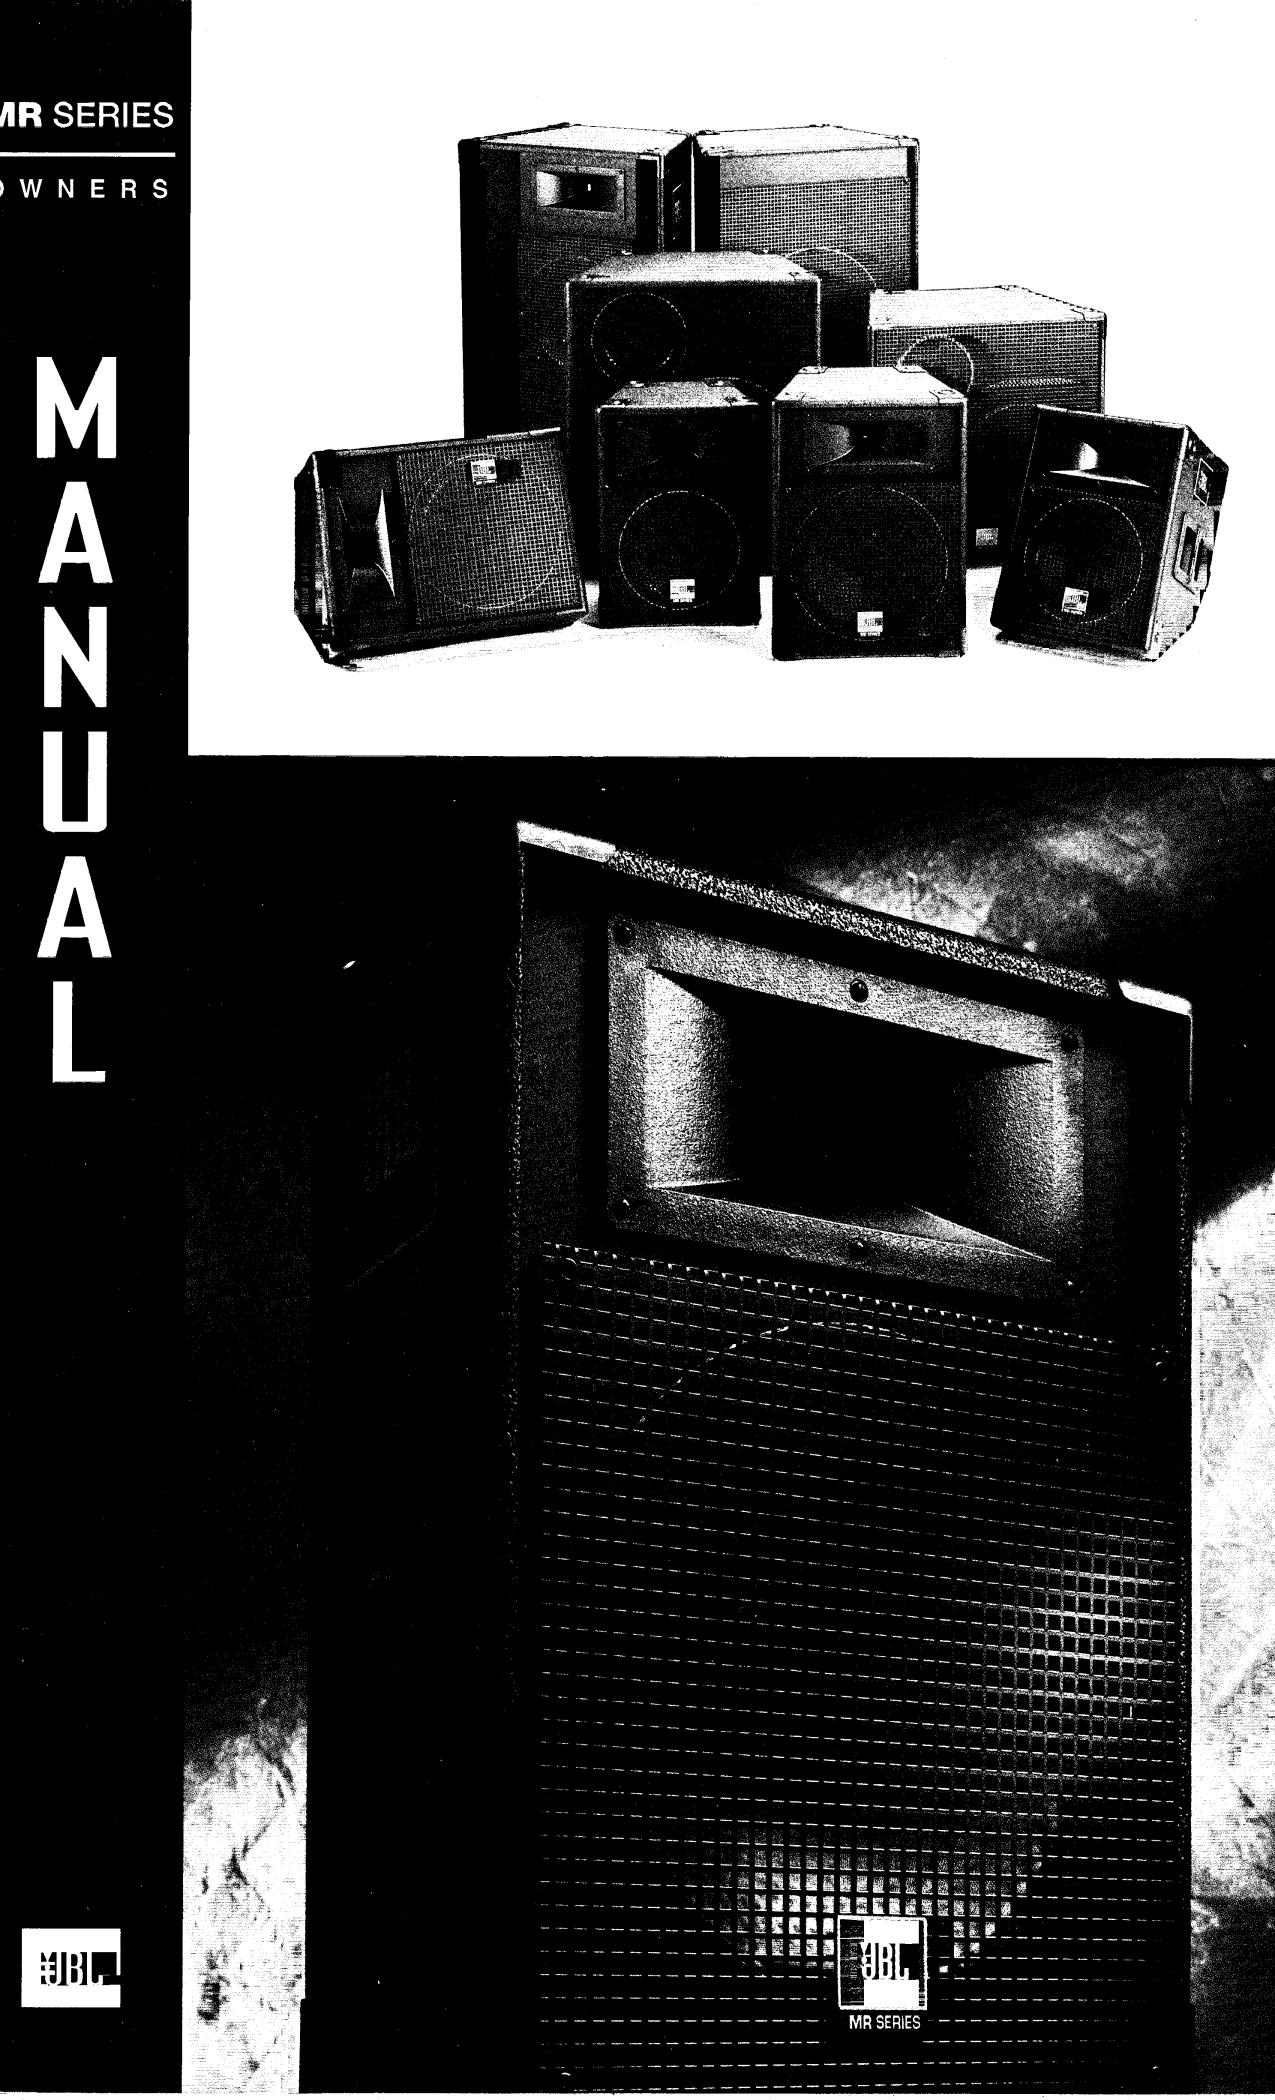 download free pdf for jbl mr center speaker manual. Black Bedroom Furniture Sets. Home Design Ideas